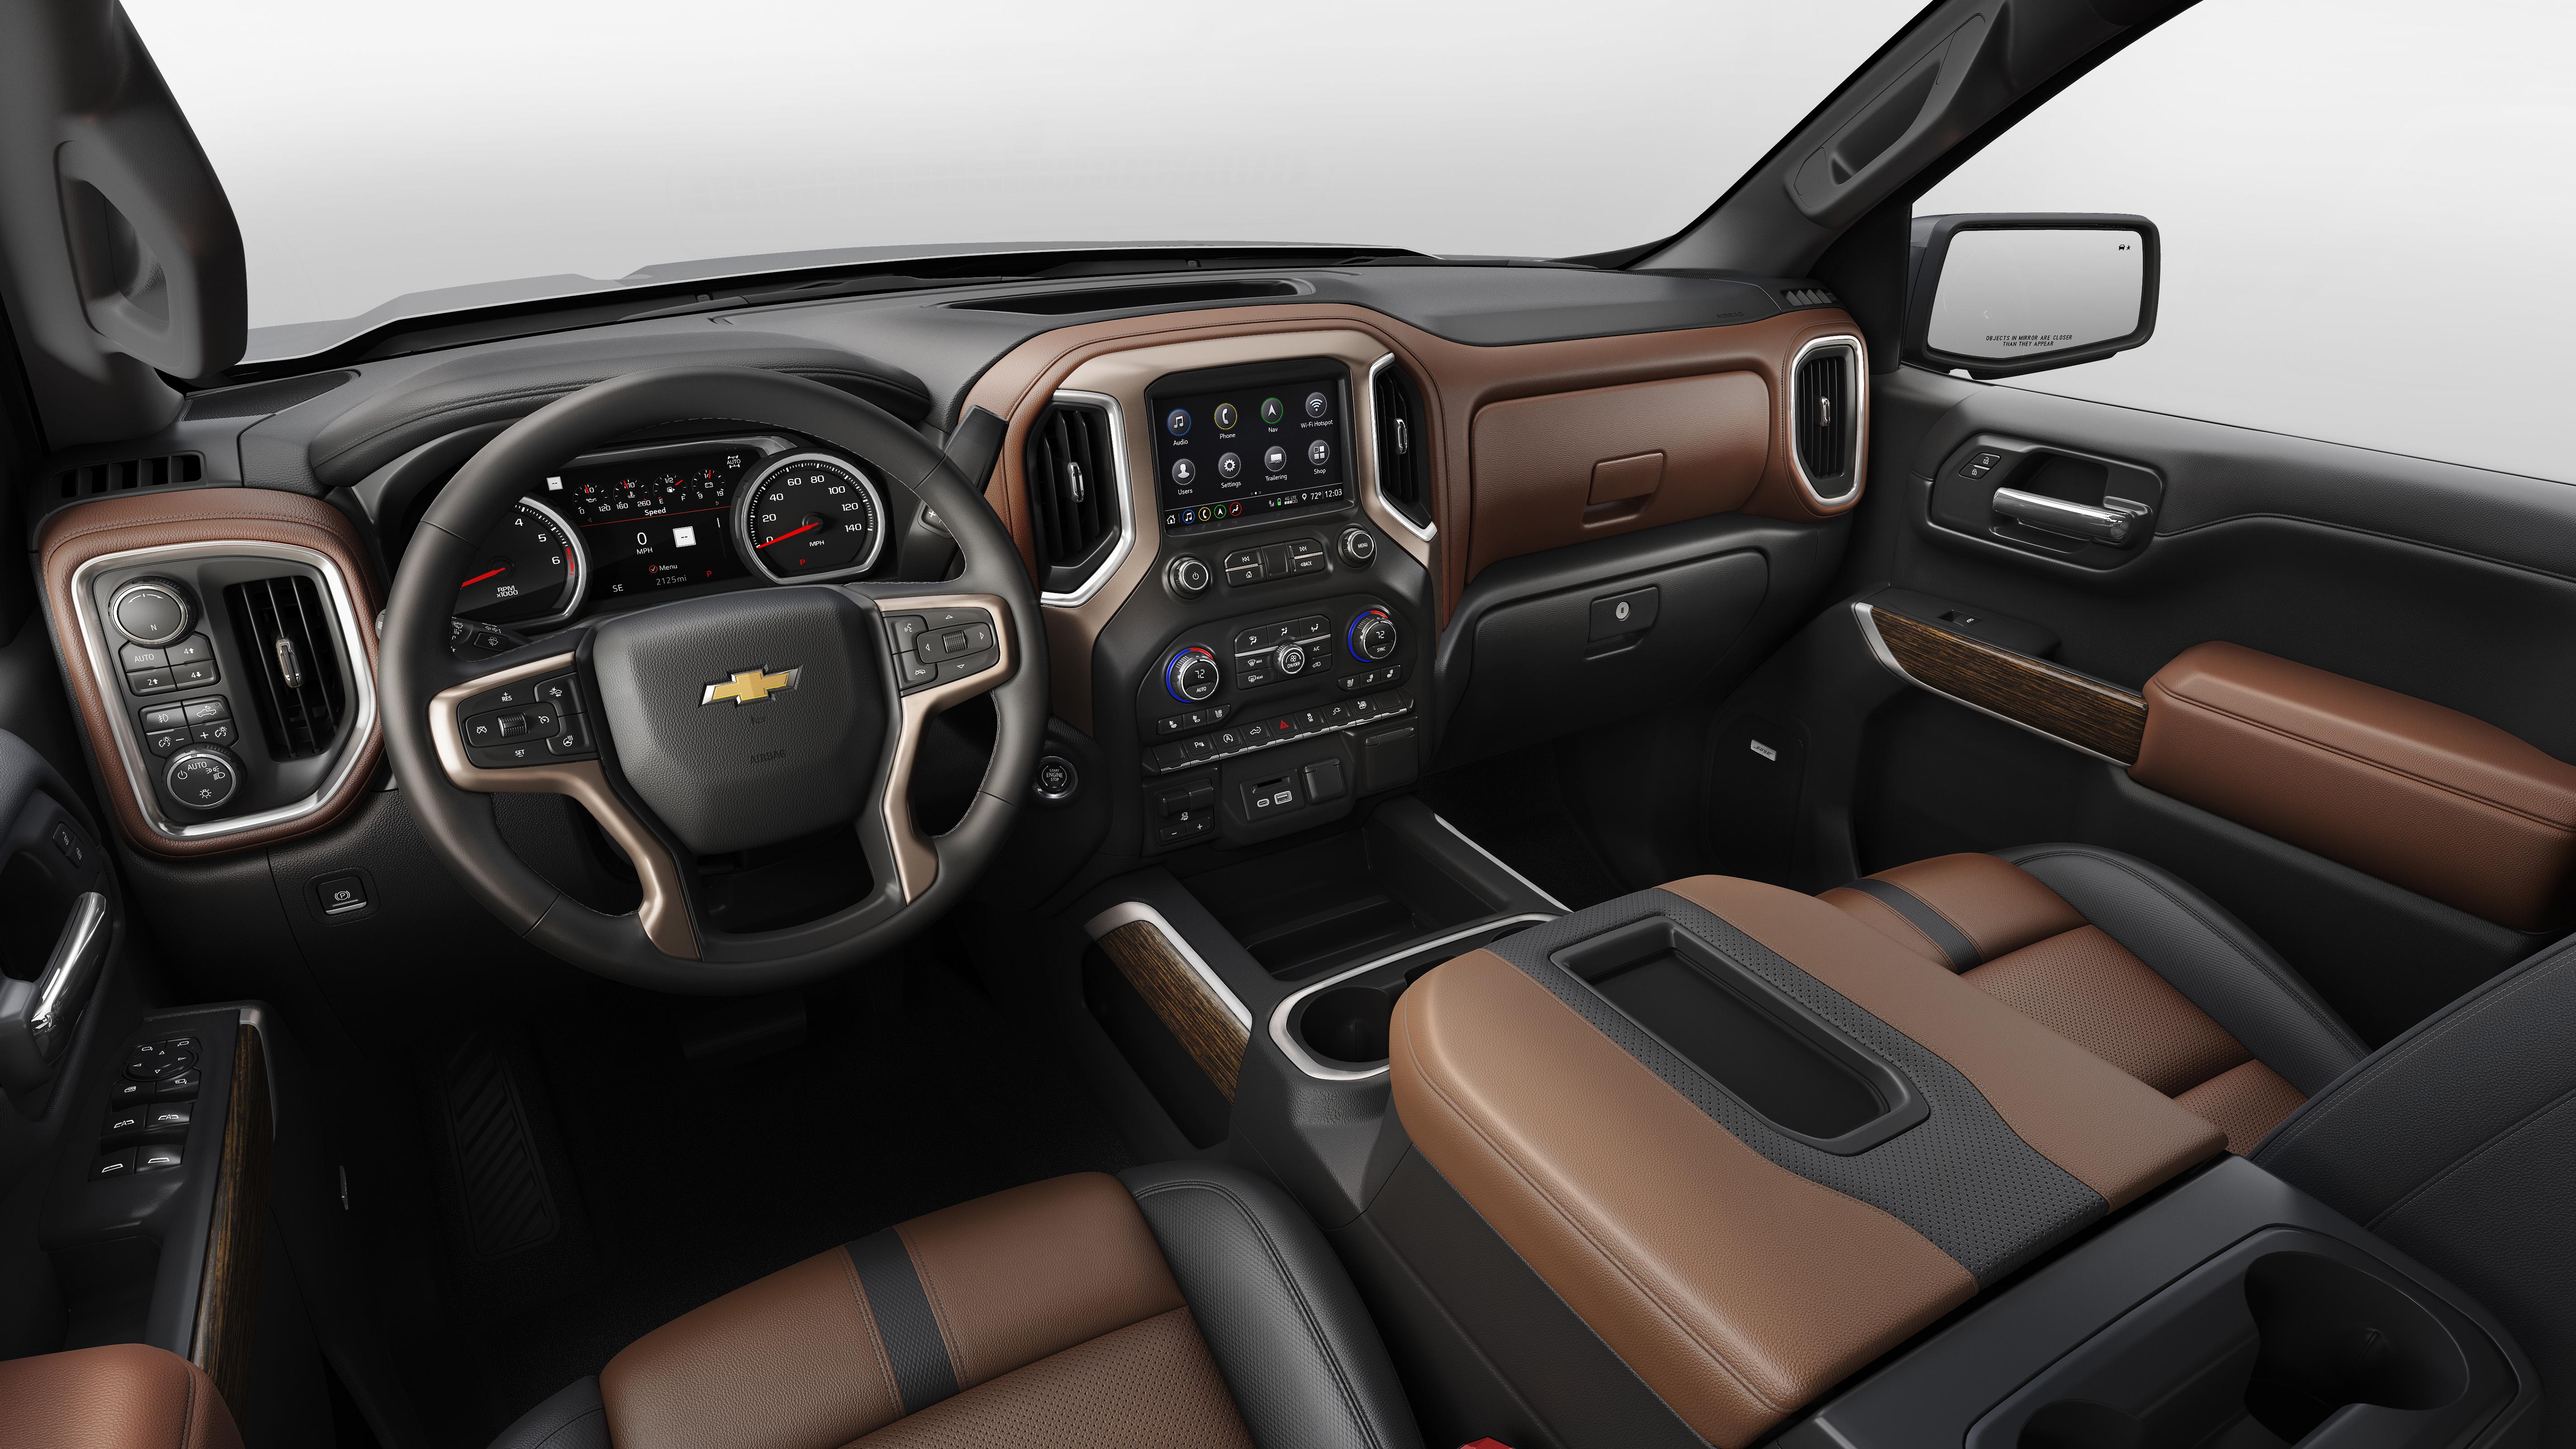 Meet Chevy's 2019 Adventure Truck: Silverado Grows 'Wings'